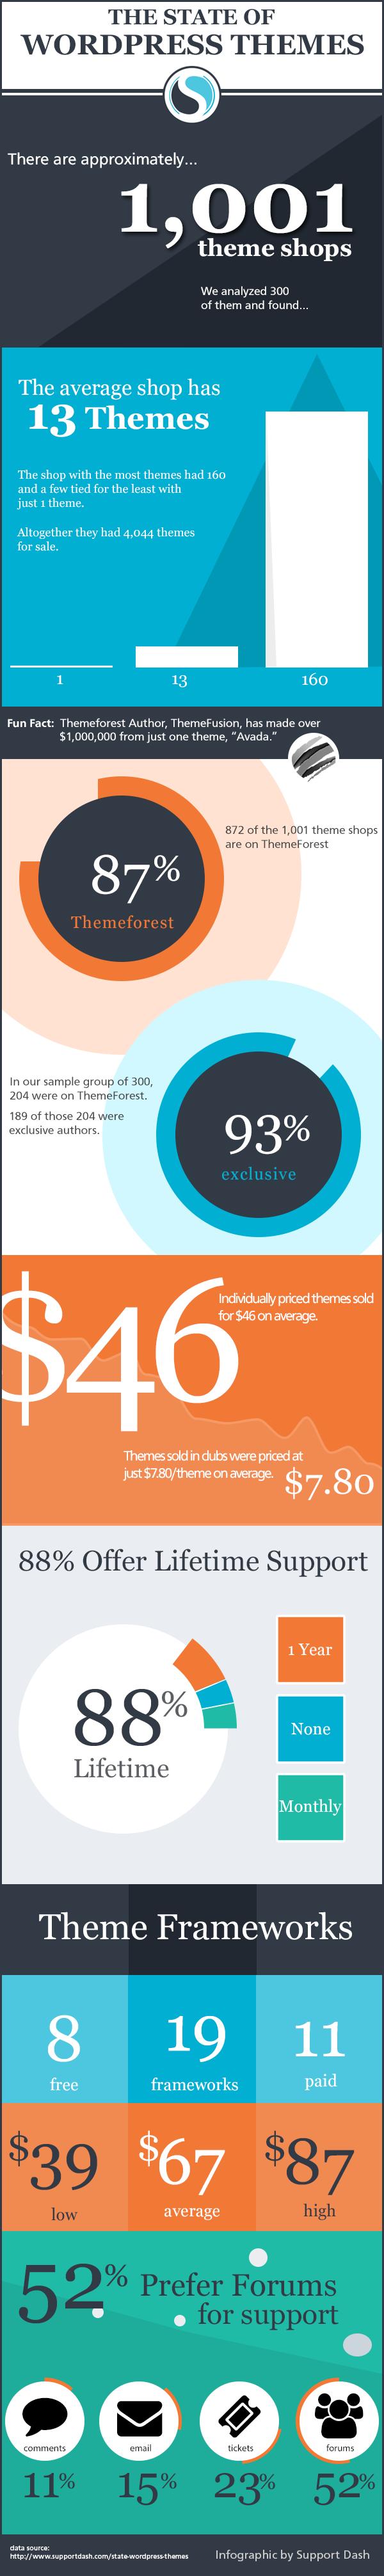 Average Cost of a WordPress Theme